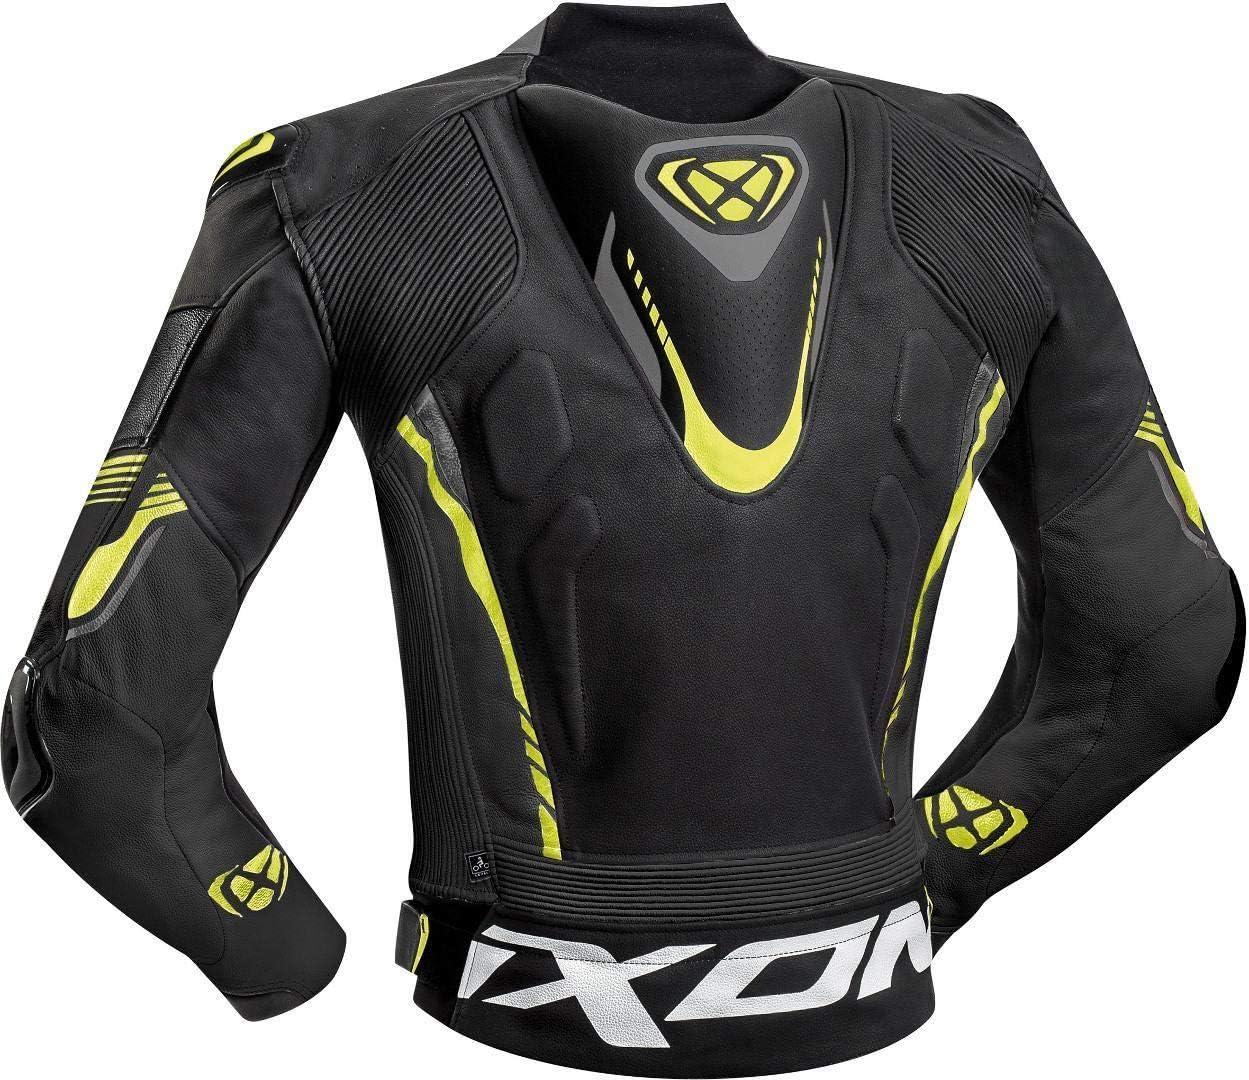 Ixon Giacca da moto Vortex 2 Jkt nero//grigio//giallo fluorescente 3XL